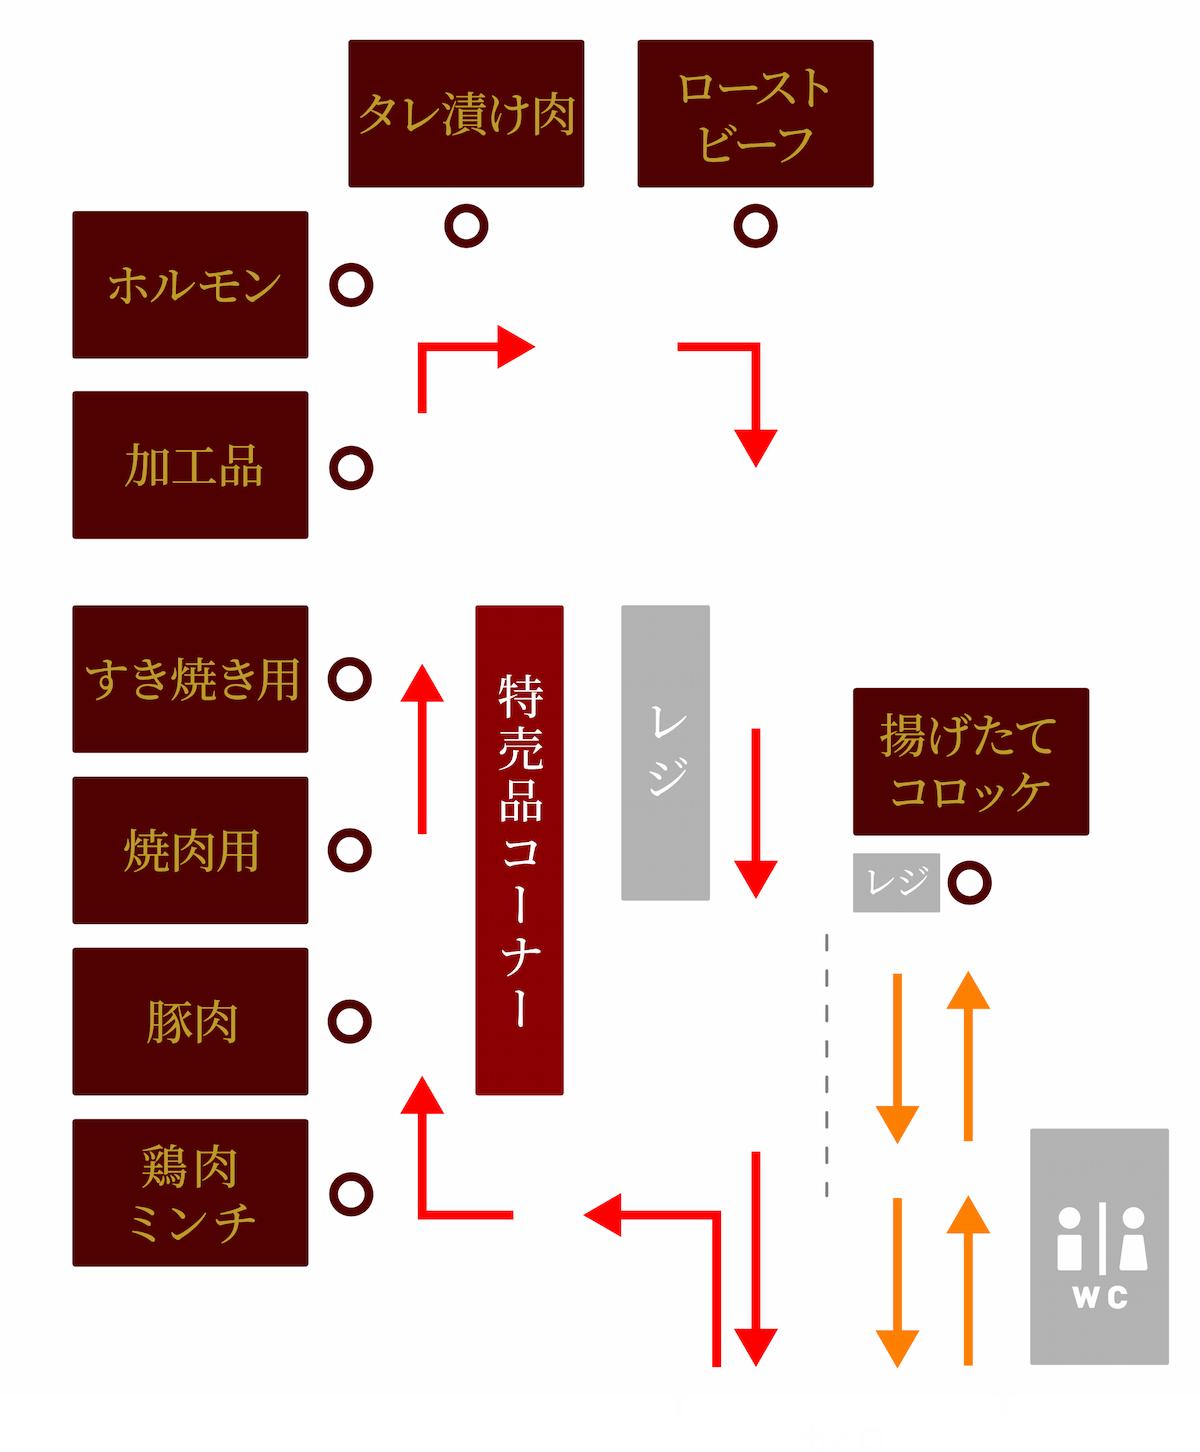 肉のジャンボ市店内マップ